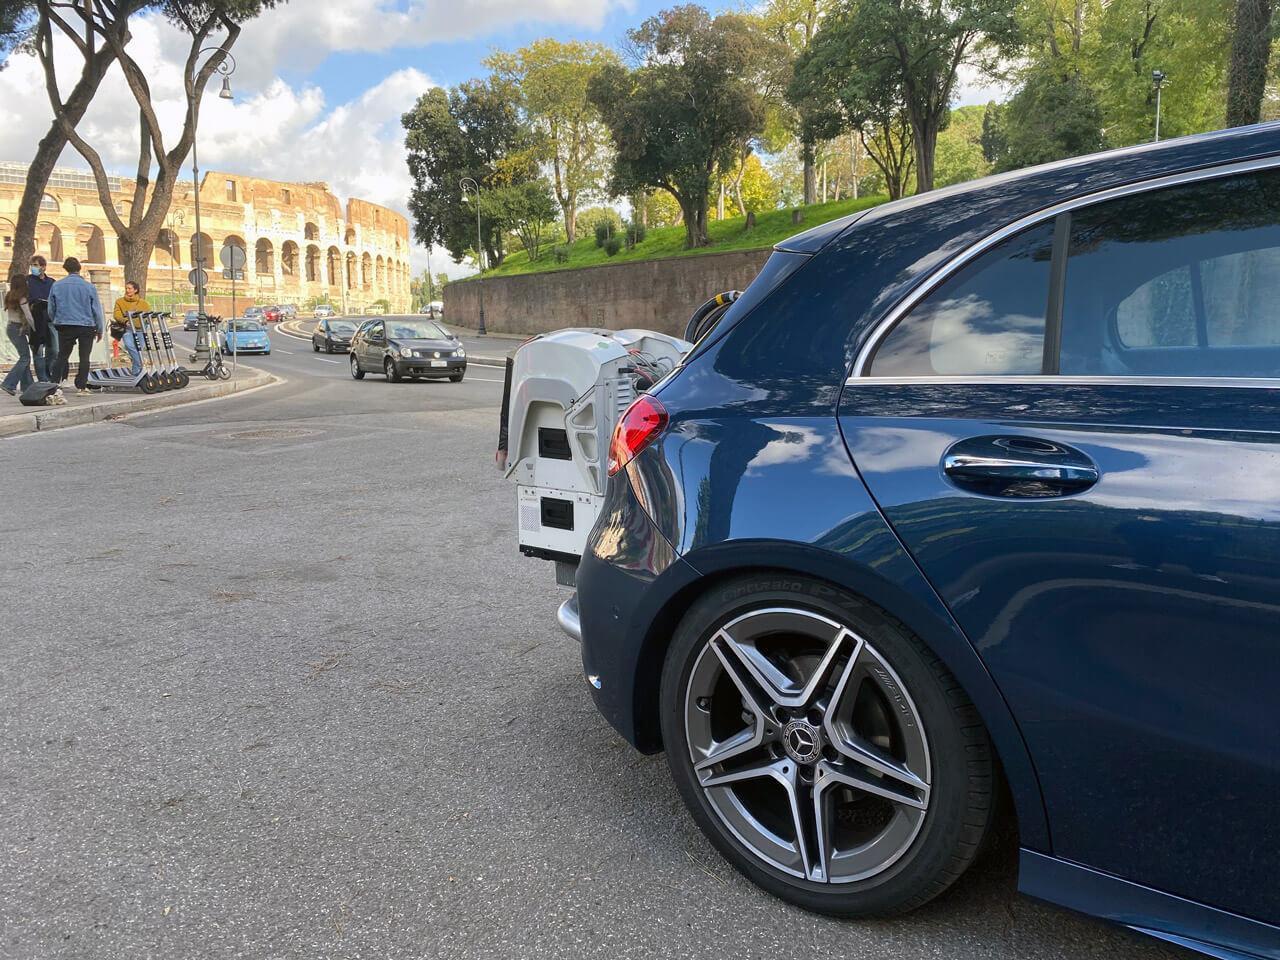 Az olasz nagyvárosok úthálózata meglehetősen hektikus